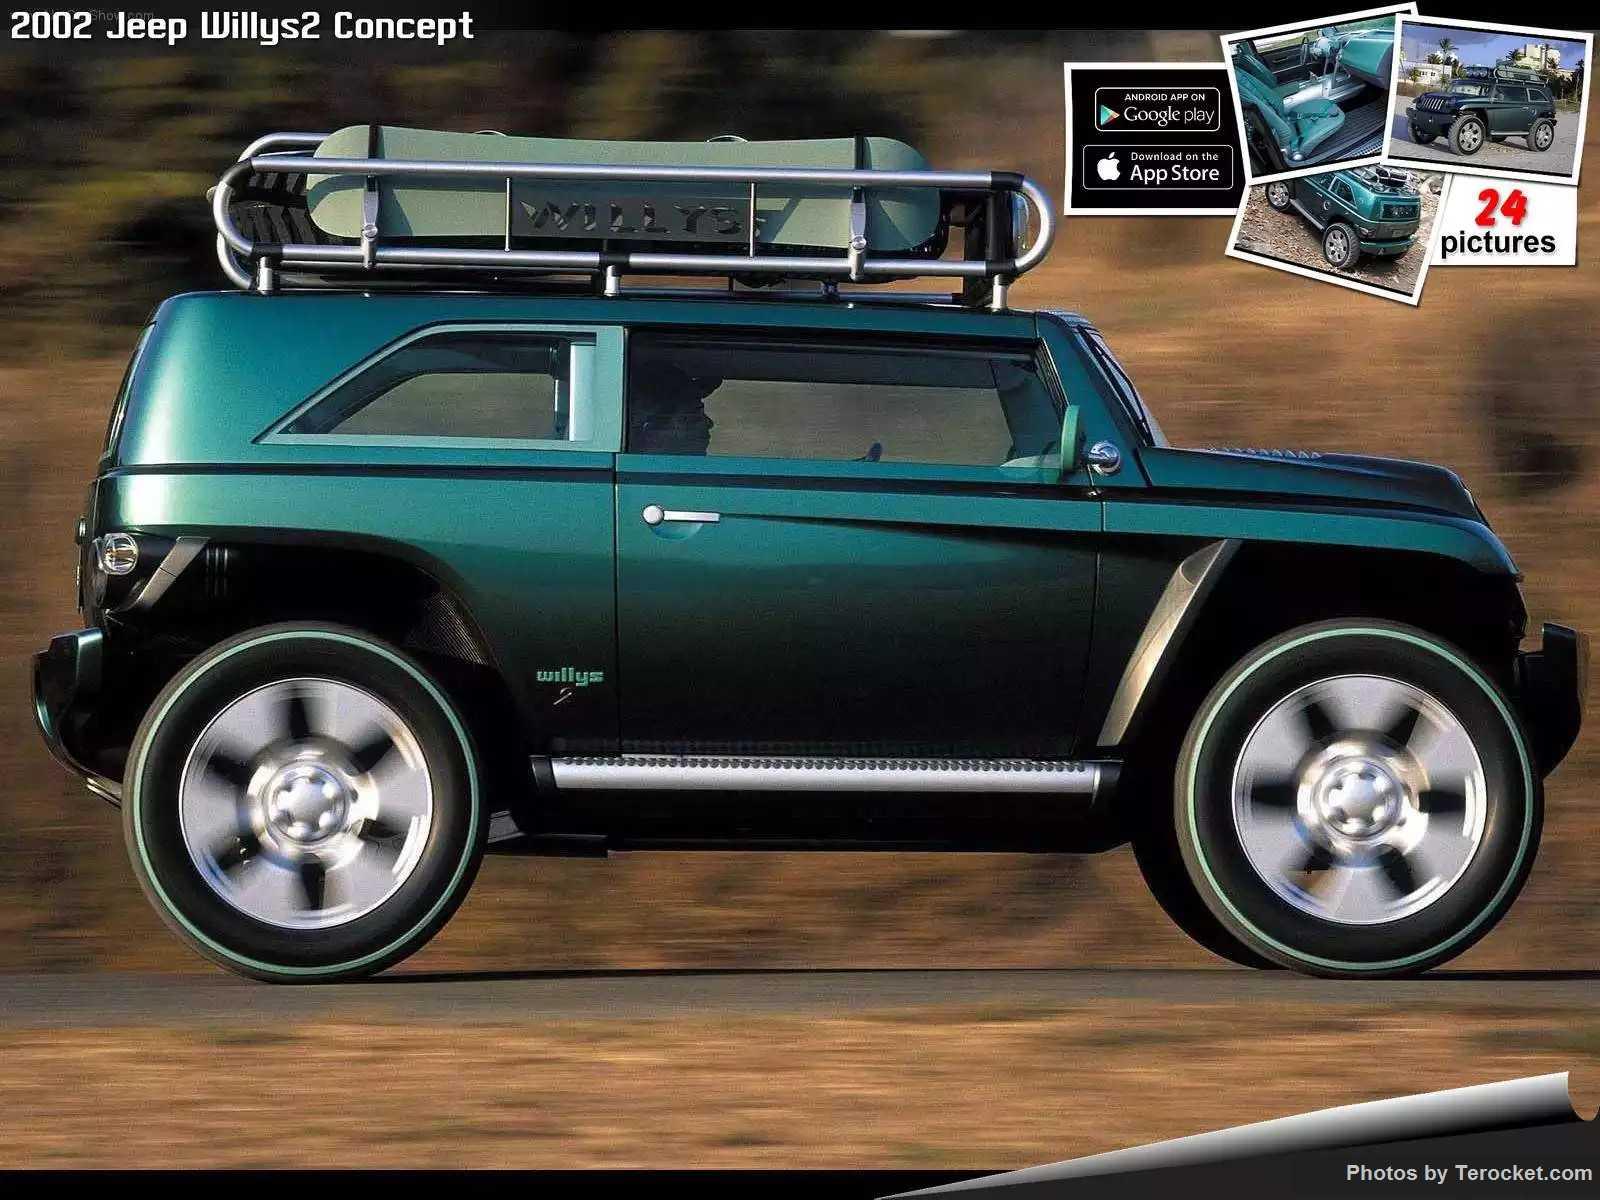 Hình ảnh xe ô tô Jeep Willys2 Concept 2002 & nội ngoại thất